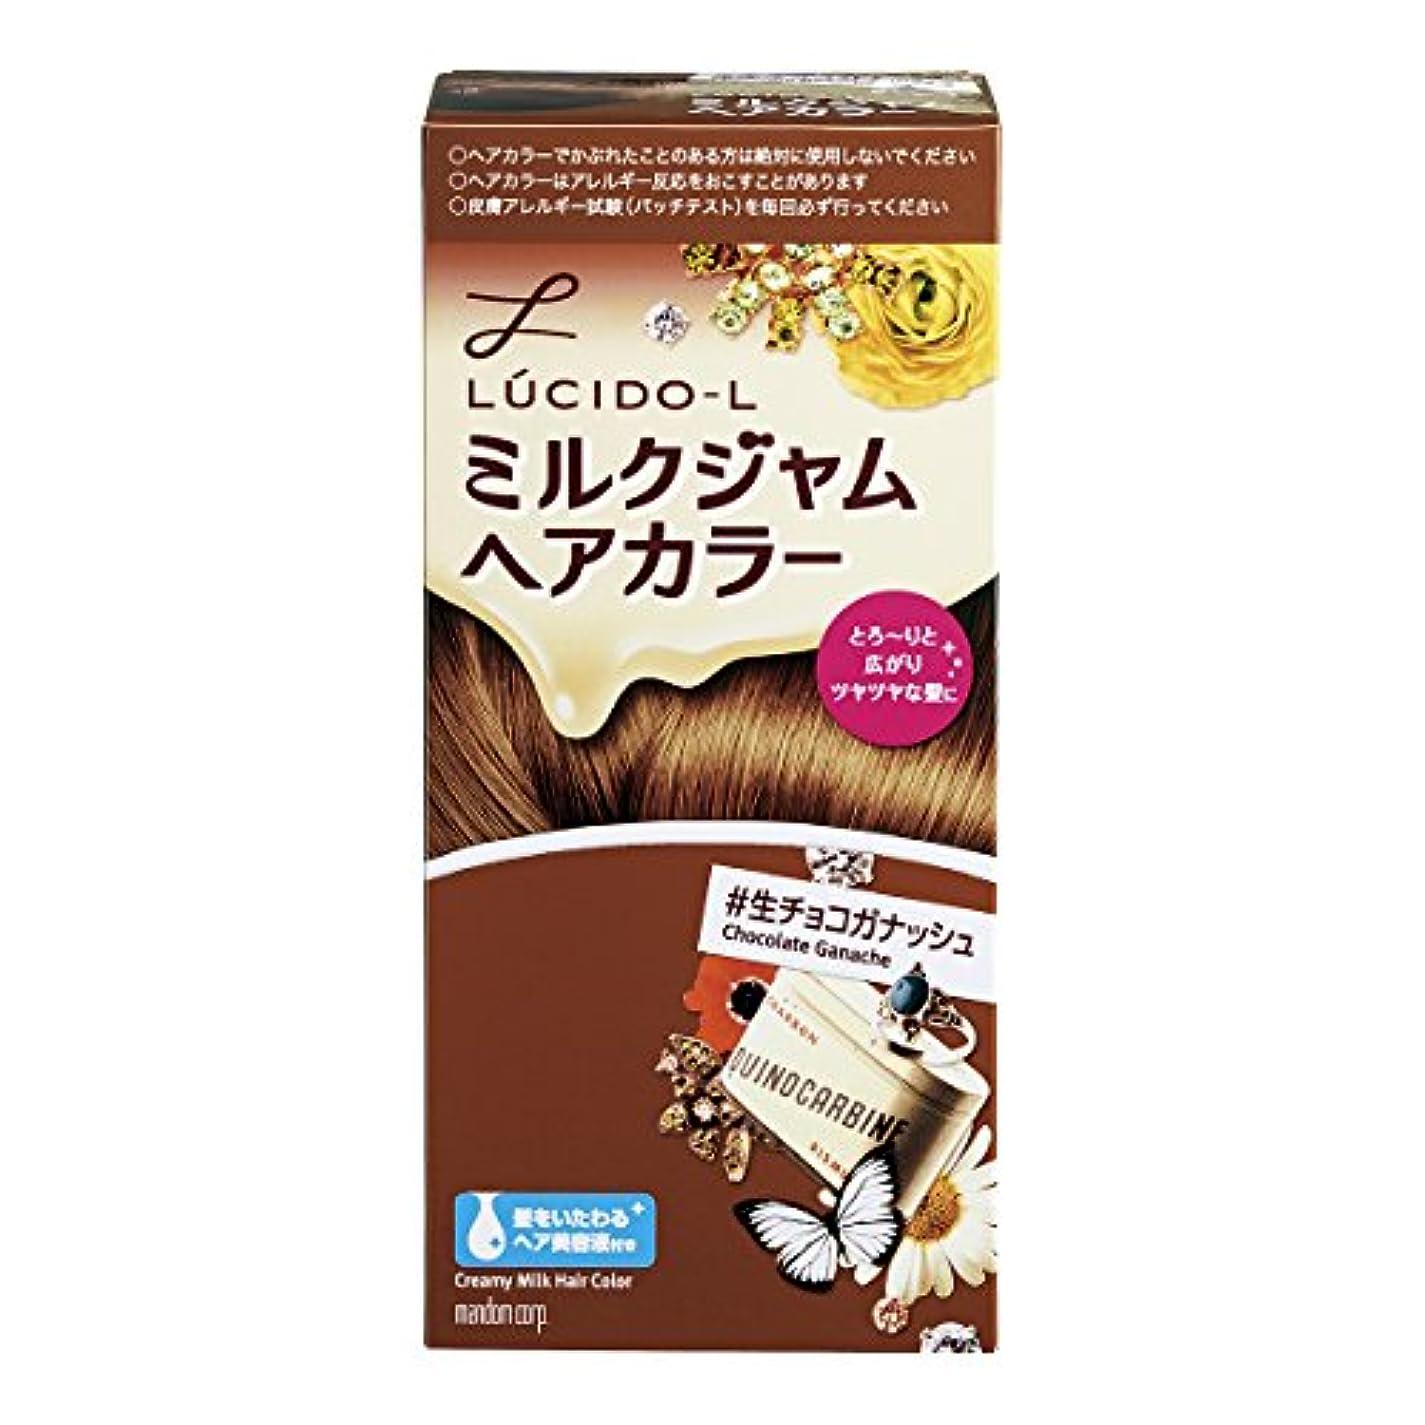 不適切なご予約複数ルシードエル ミルクジャムヘアカラー #生チョコガナッシュ 40g (医薬部外品)